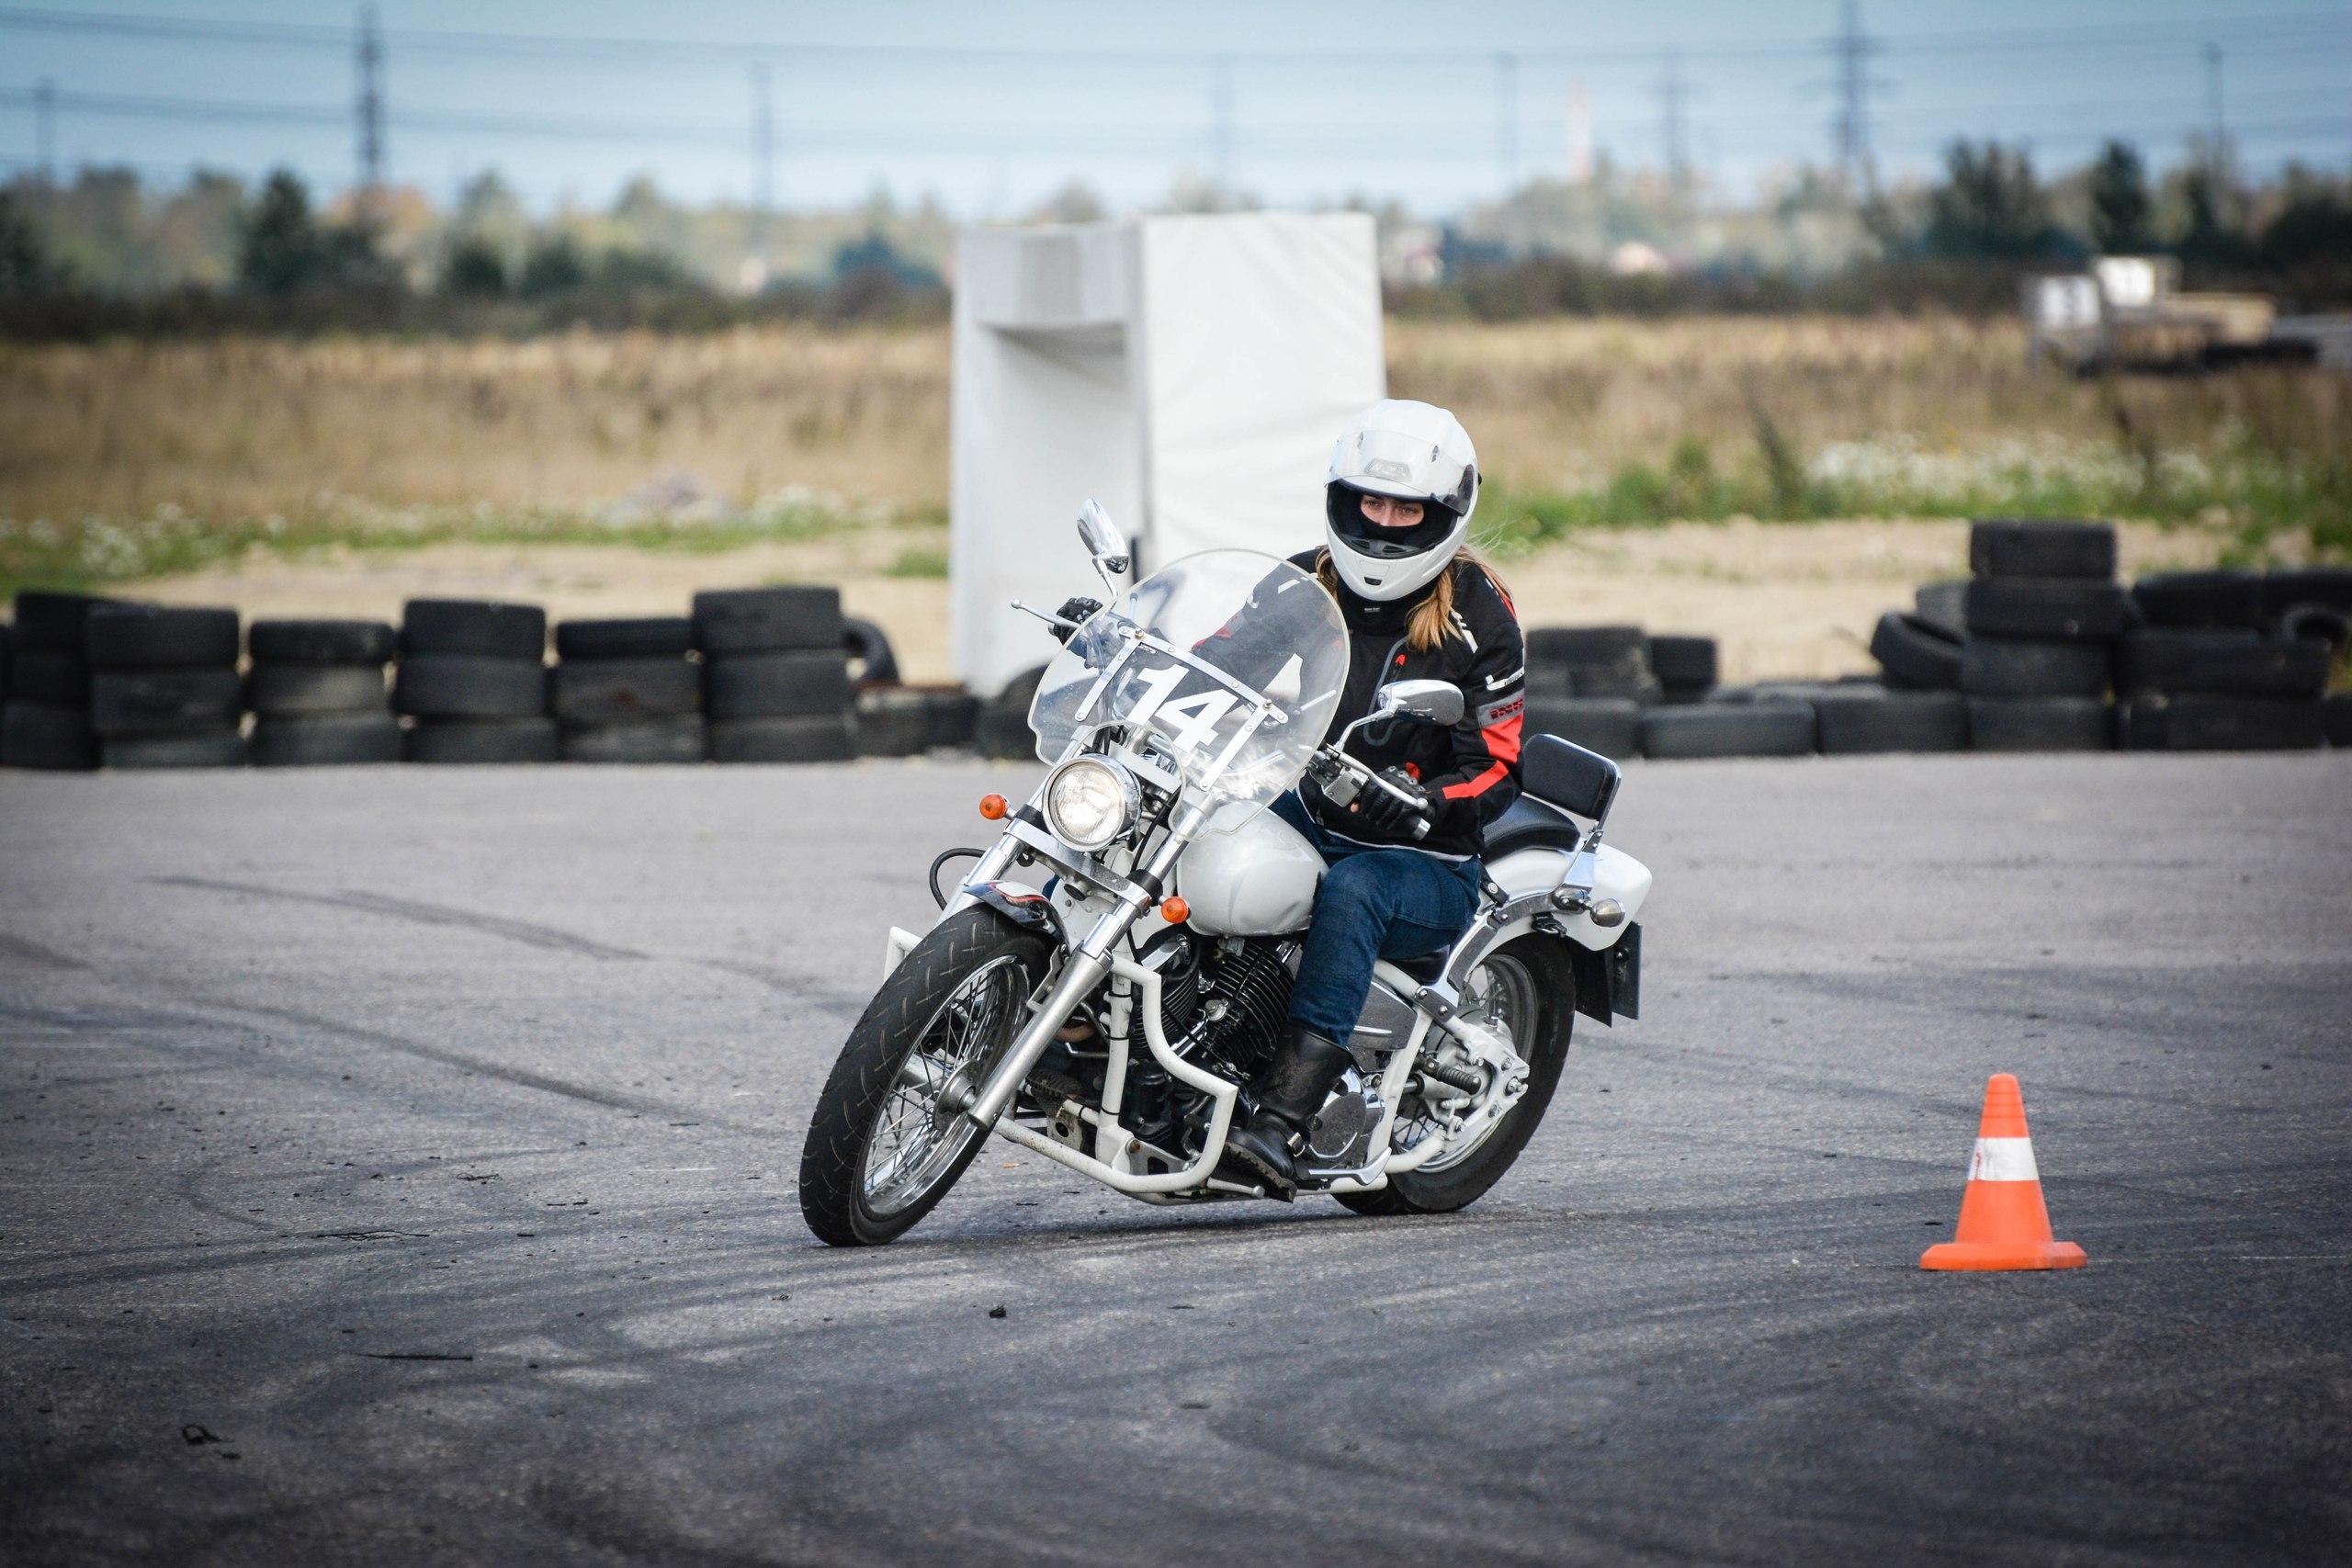 Знакомства с парнем мои интересы мотоциклы знакомства любовные калининград